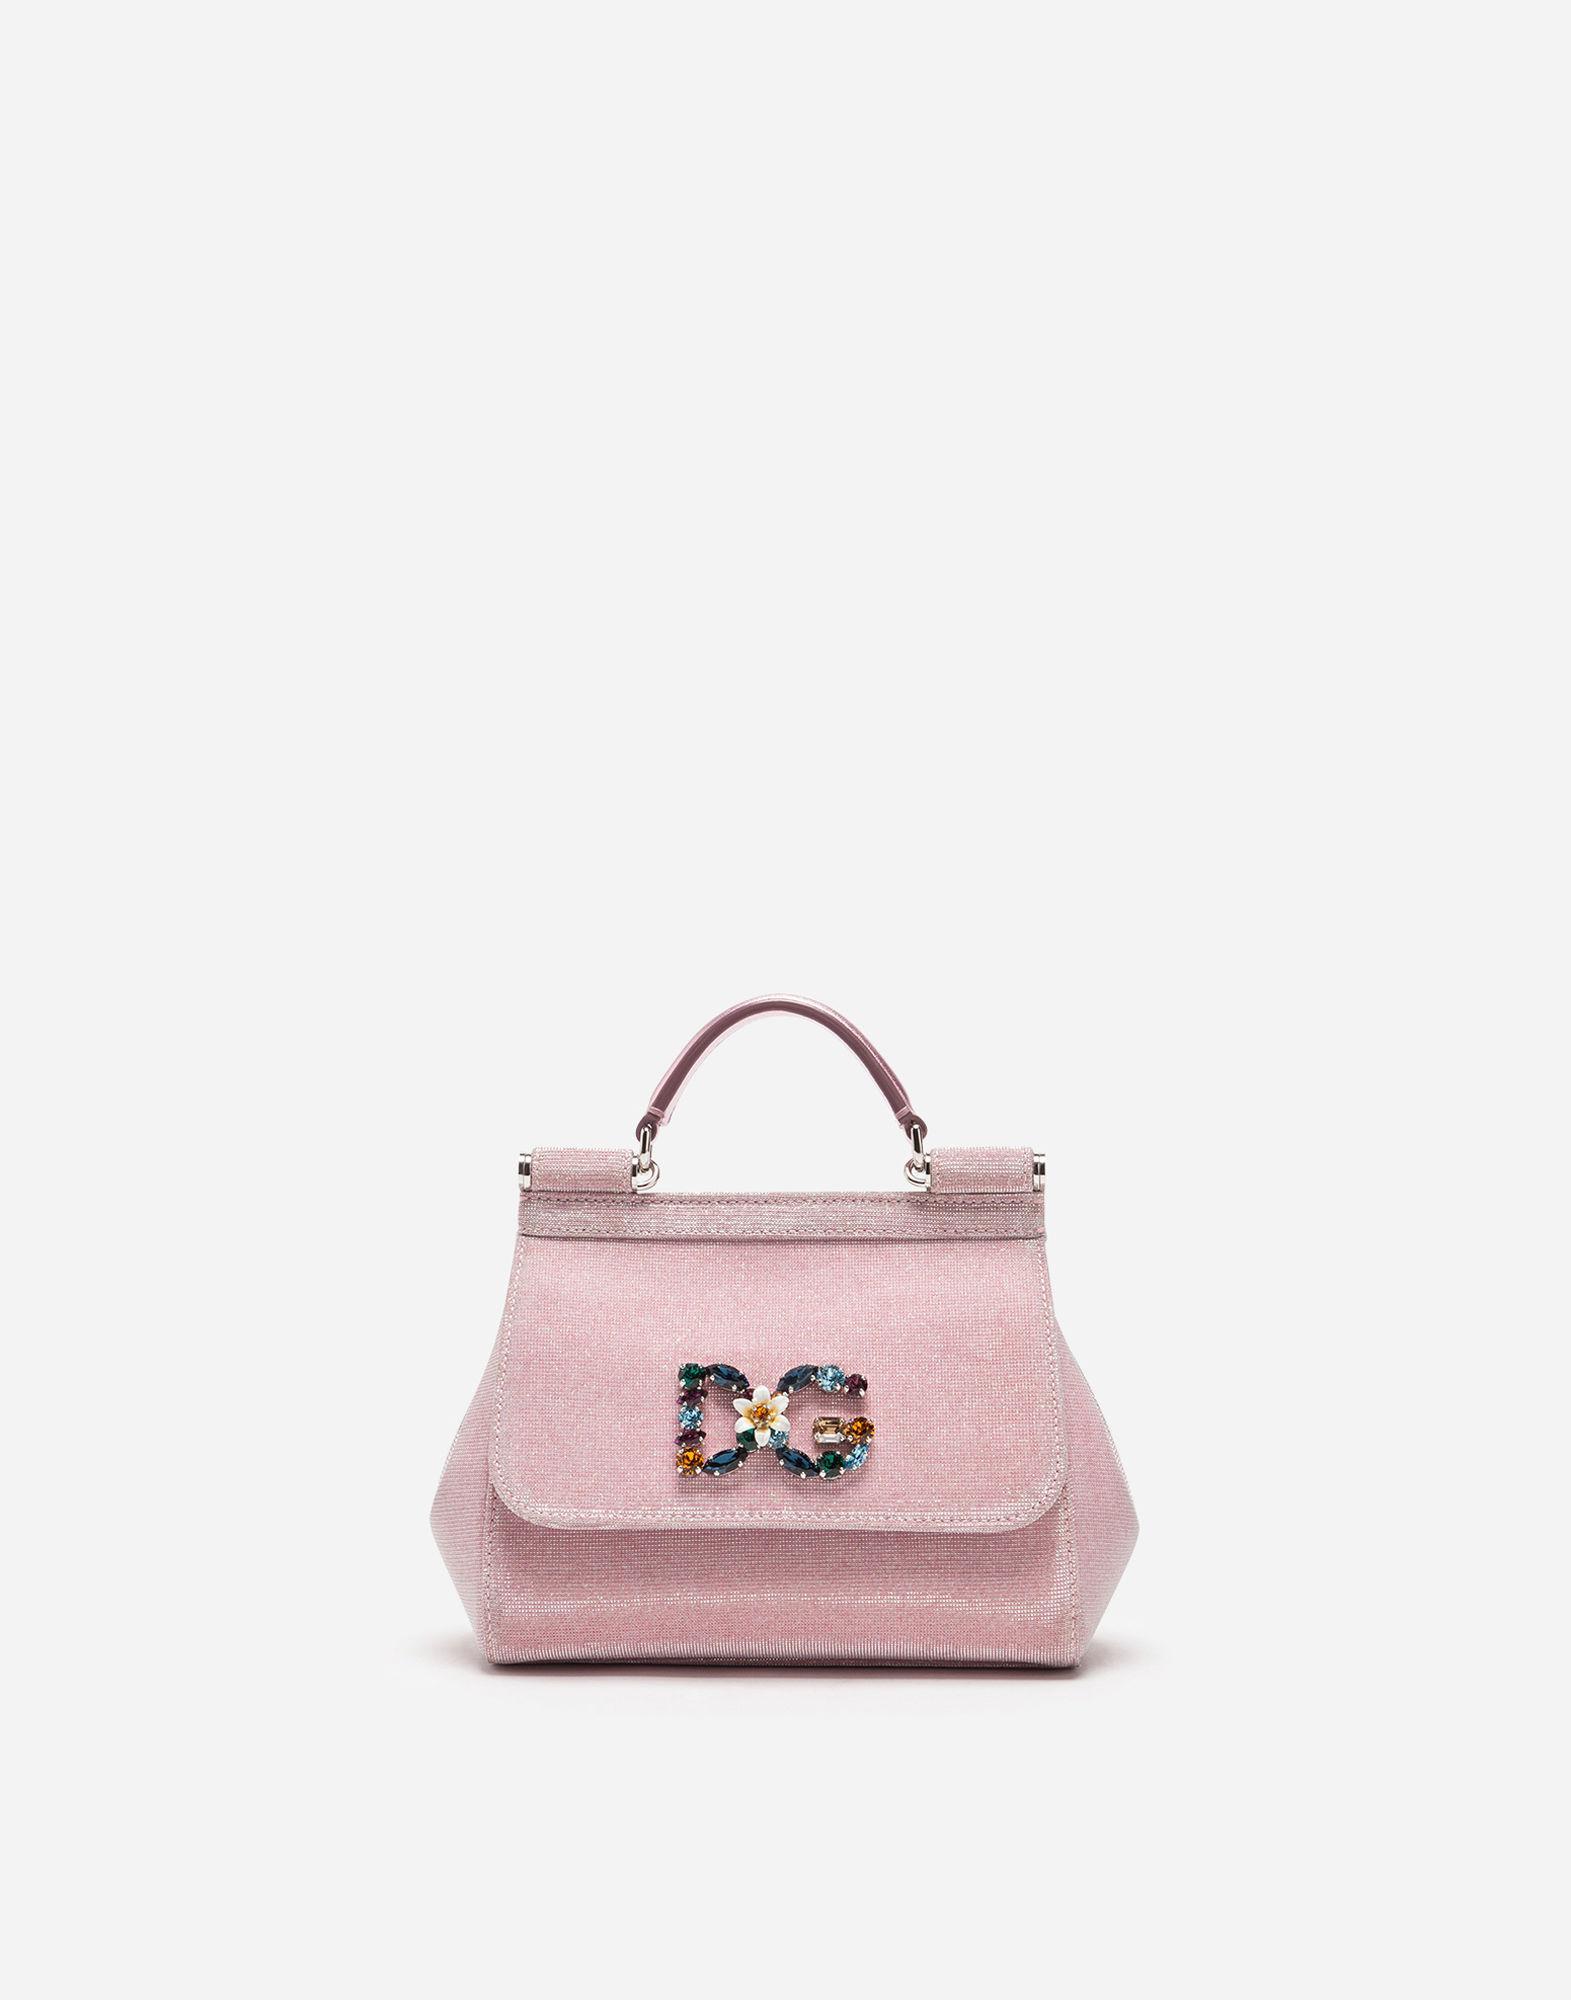 7f1ca2a4c931 Dolce   Gabbana. Women s Pink Mini Sicily Bag ...